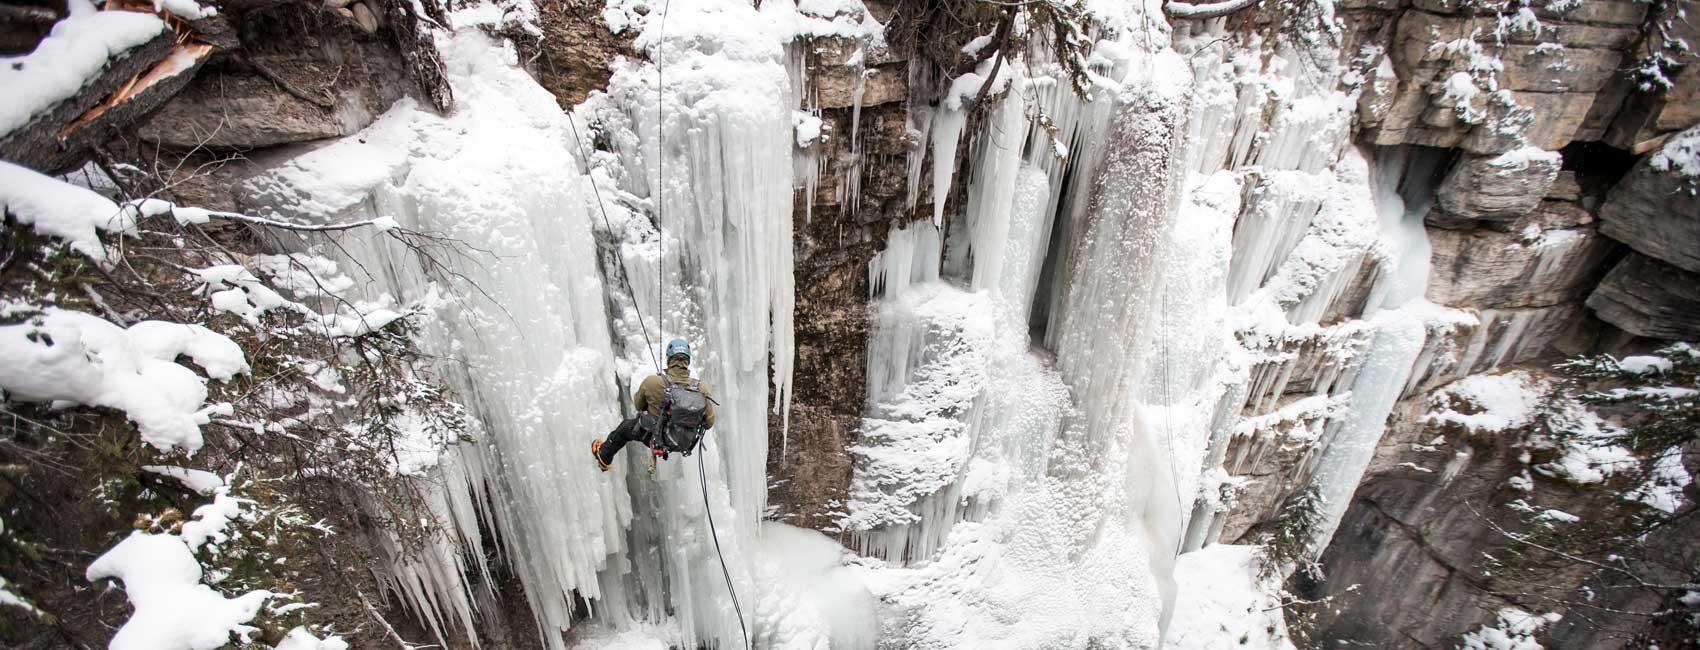 10 choses à savoir sur les spectaculaires chutes du Canada